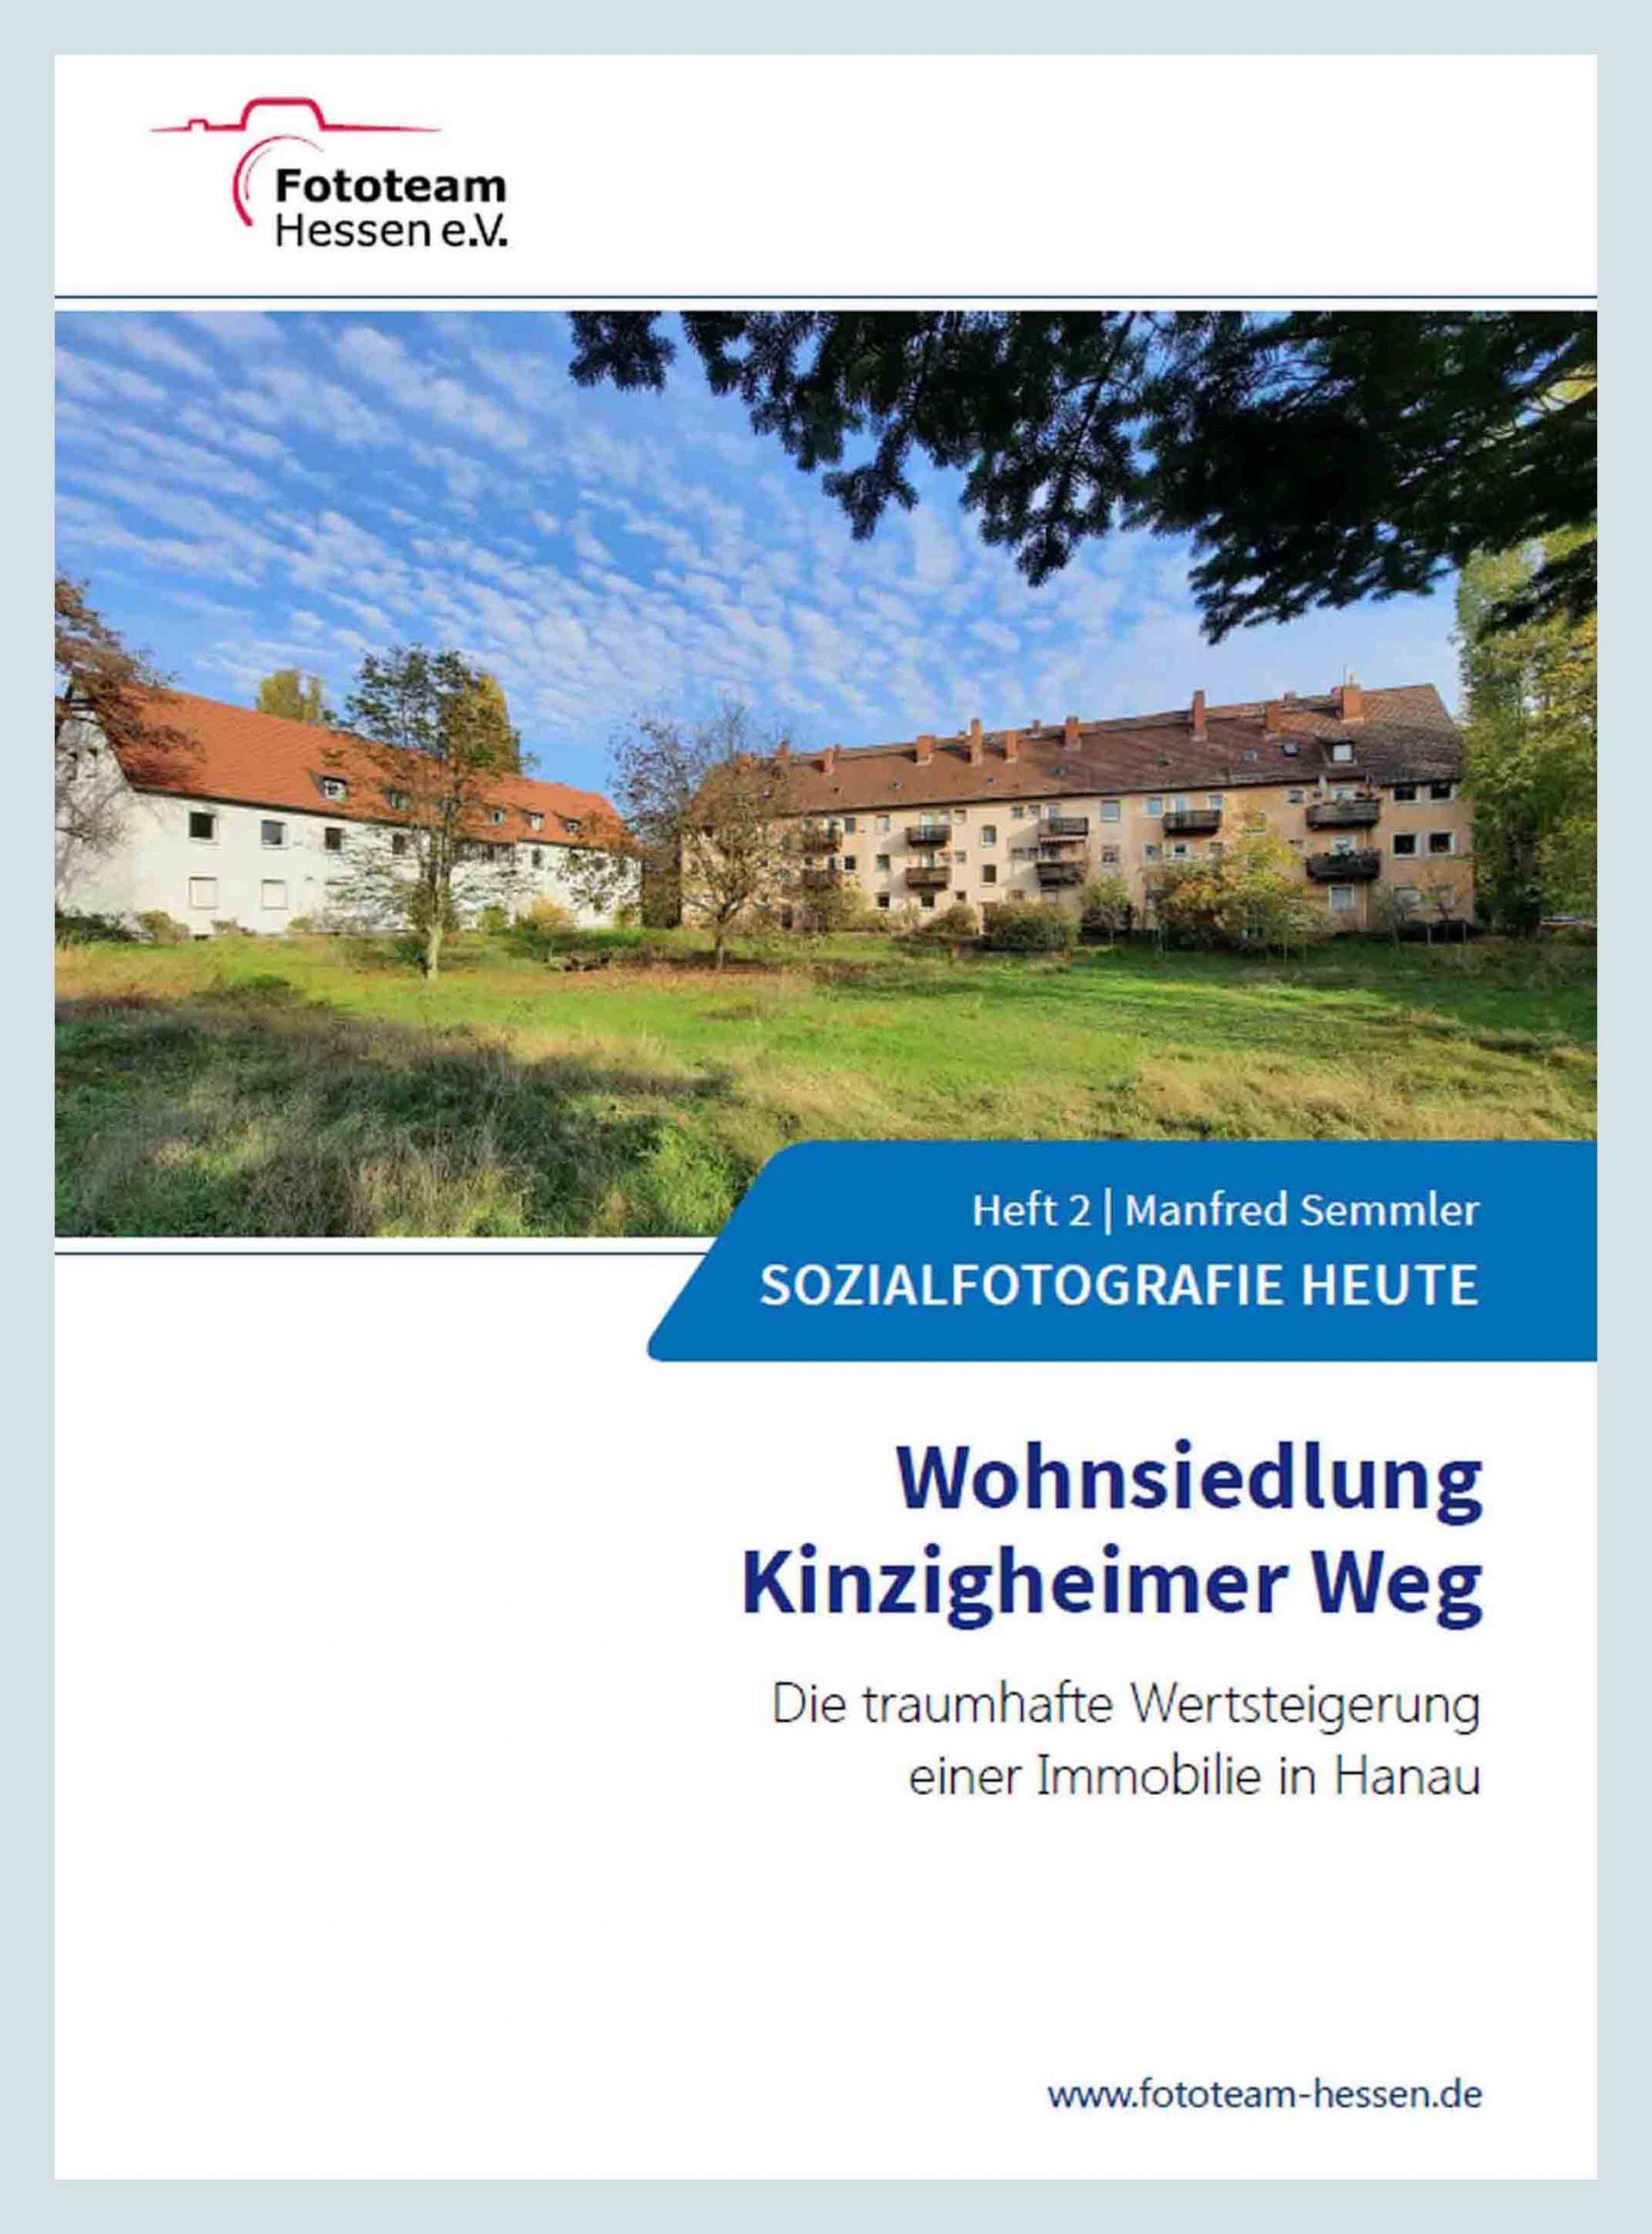 Sozialfotografie heute Titelblatt Heft 2